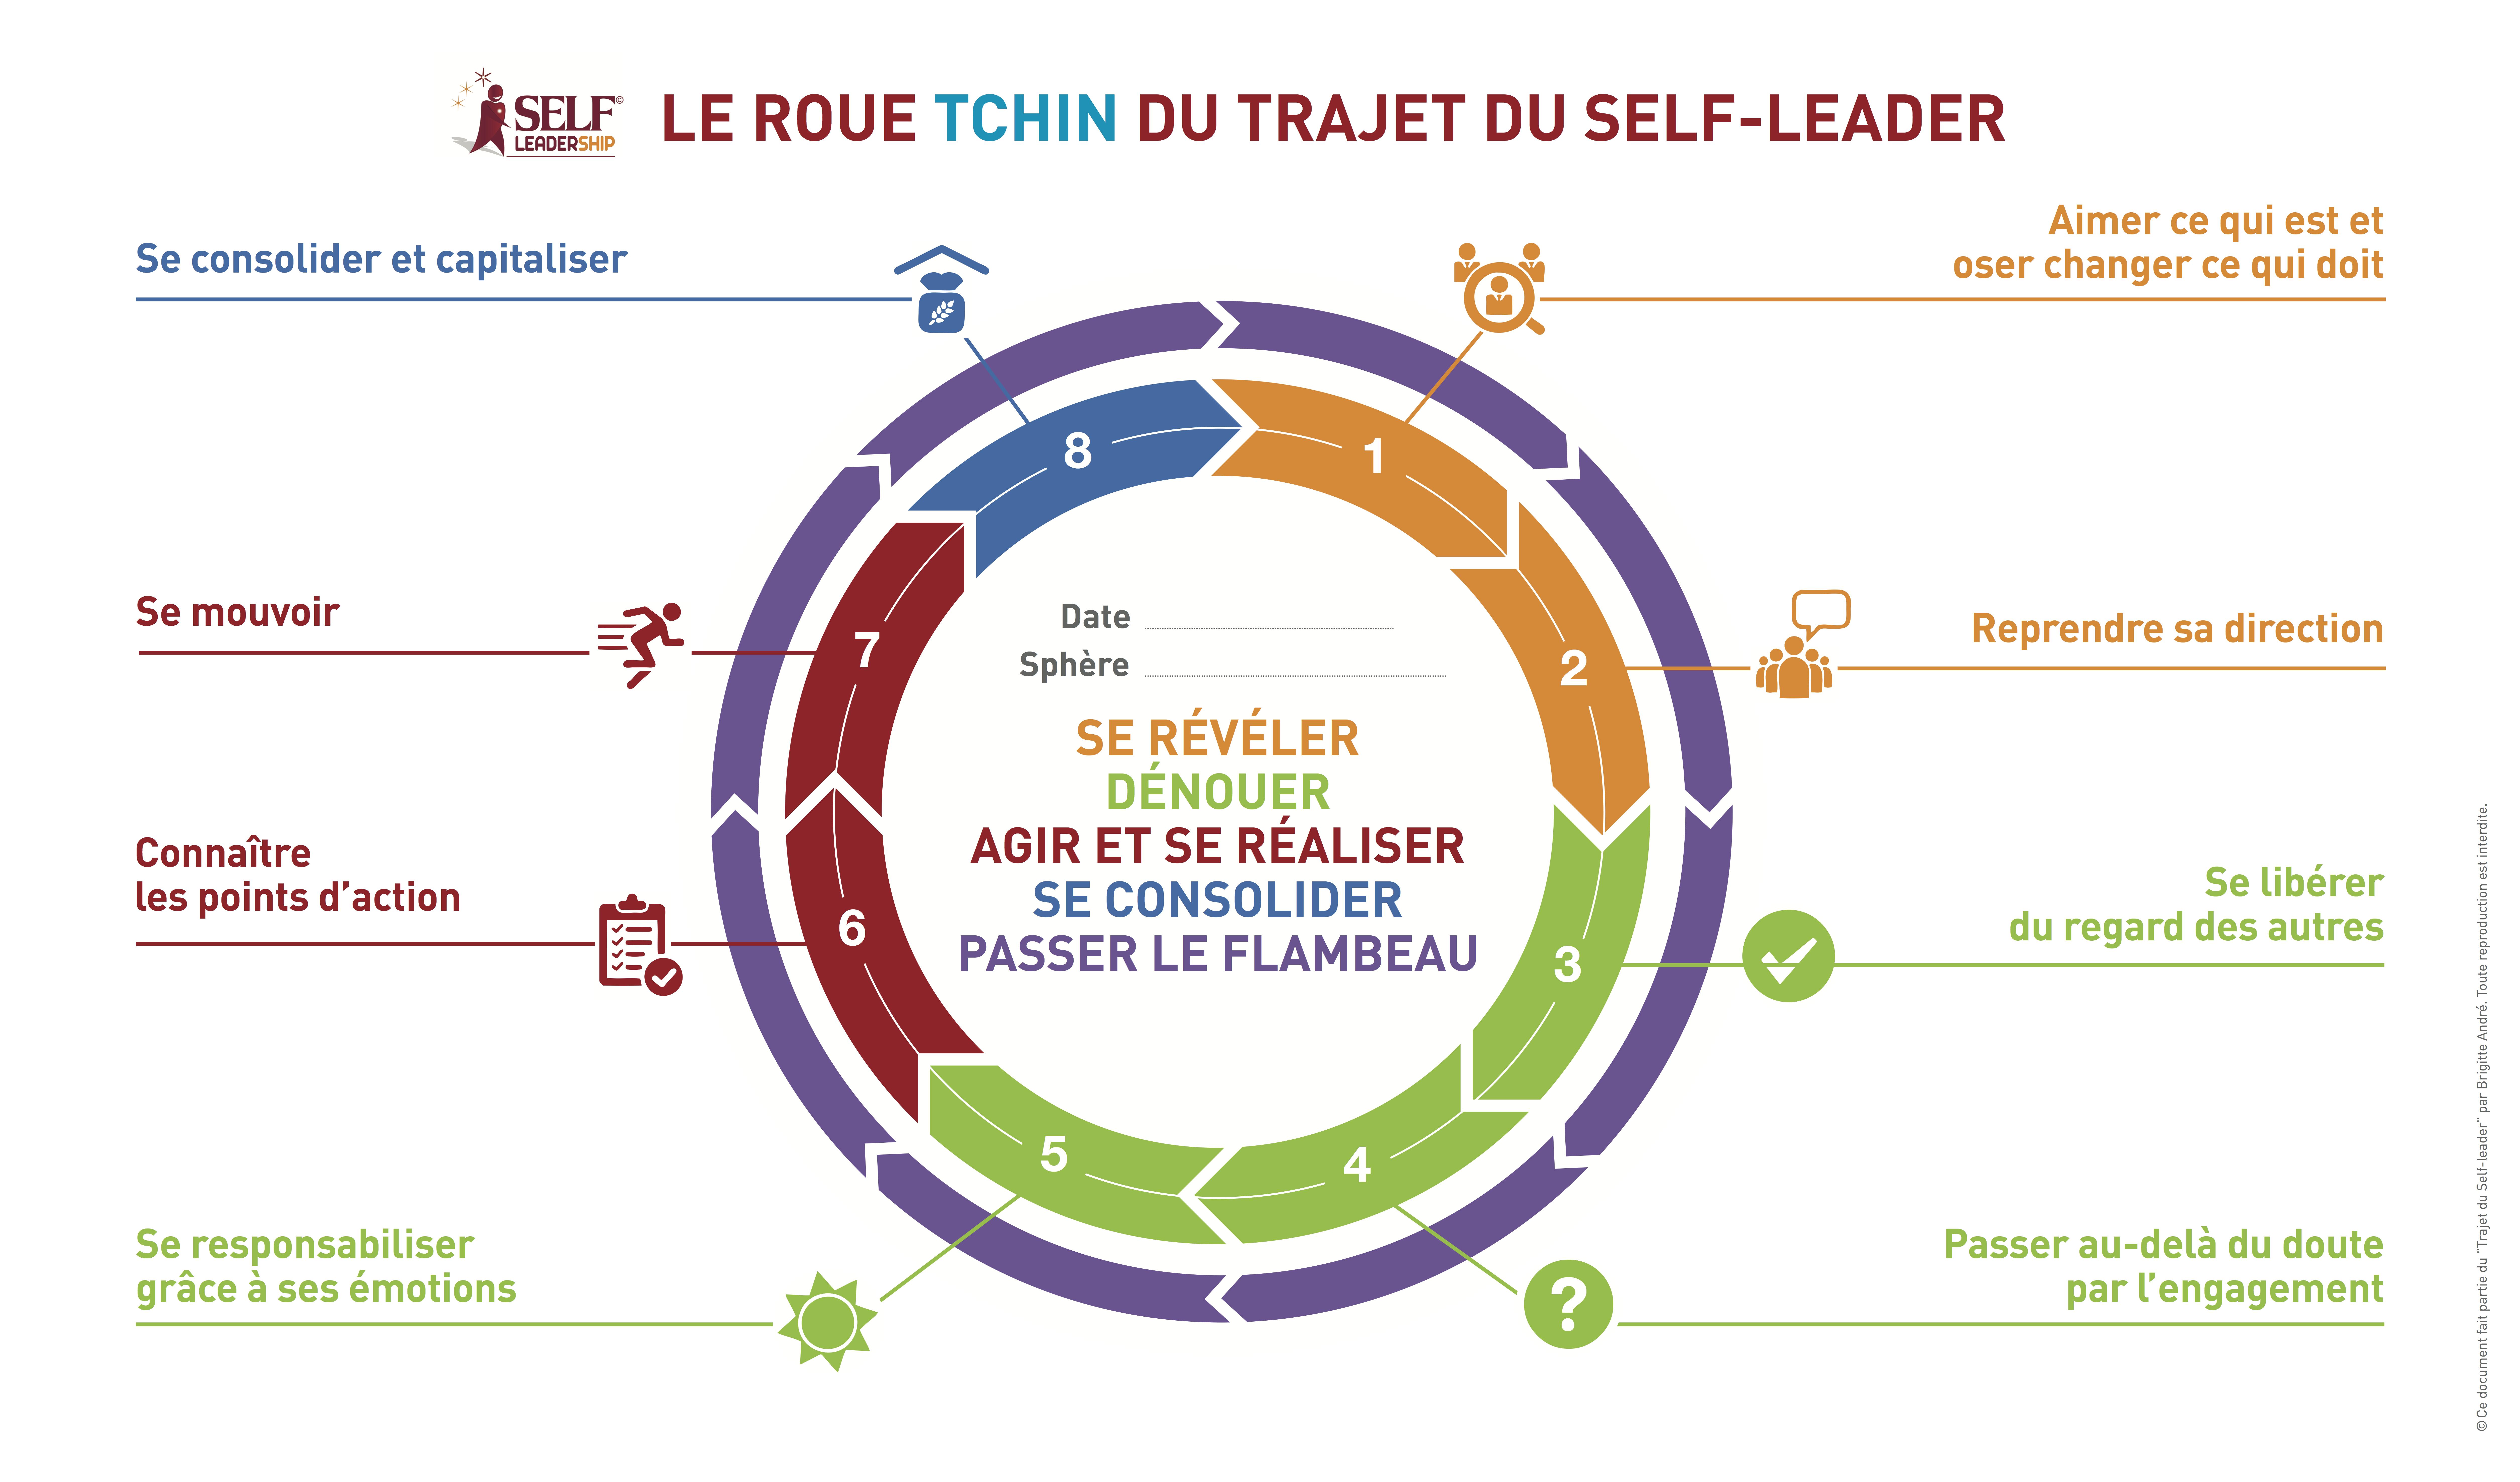 2016-10-la-roue-tchin-du-trajet-du-self-leader_affiche-1700x1000-hd